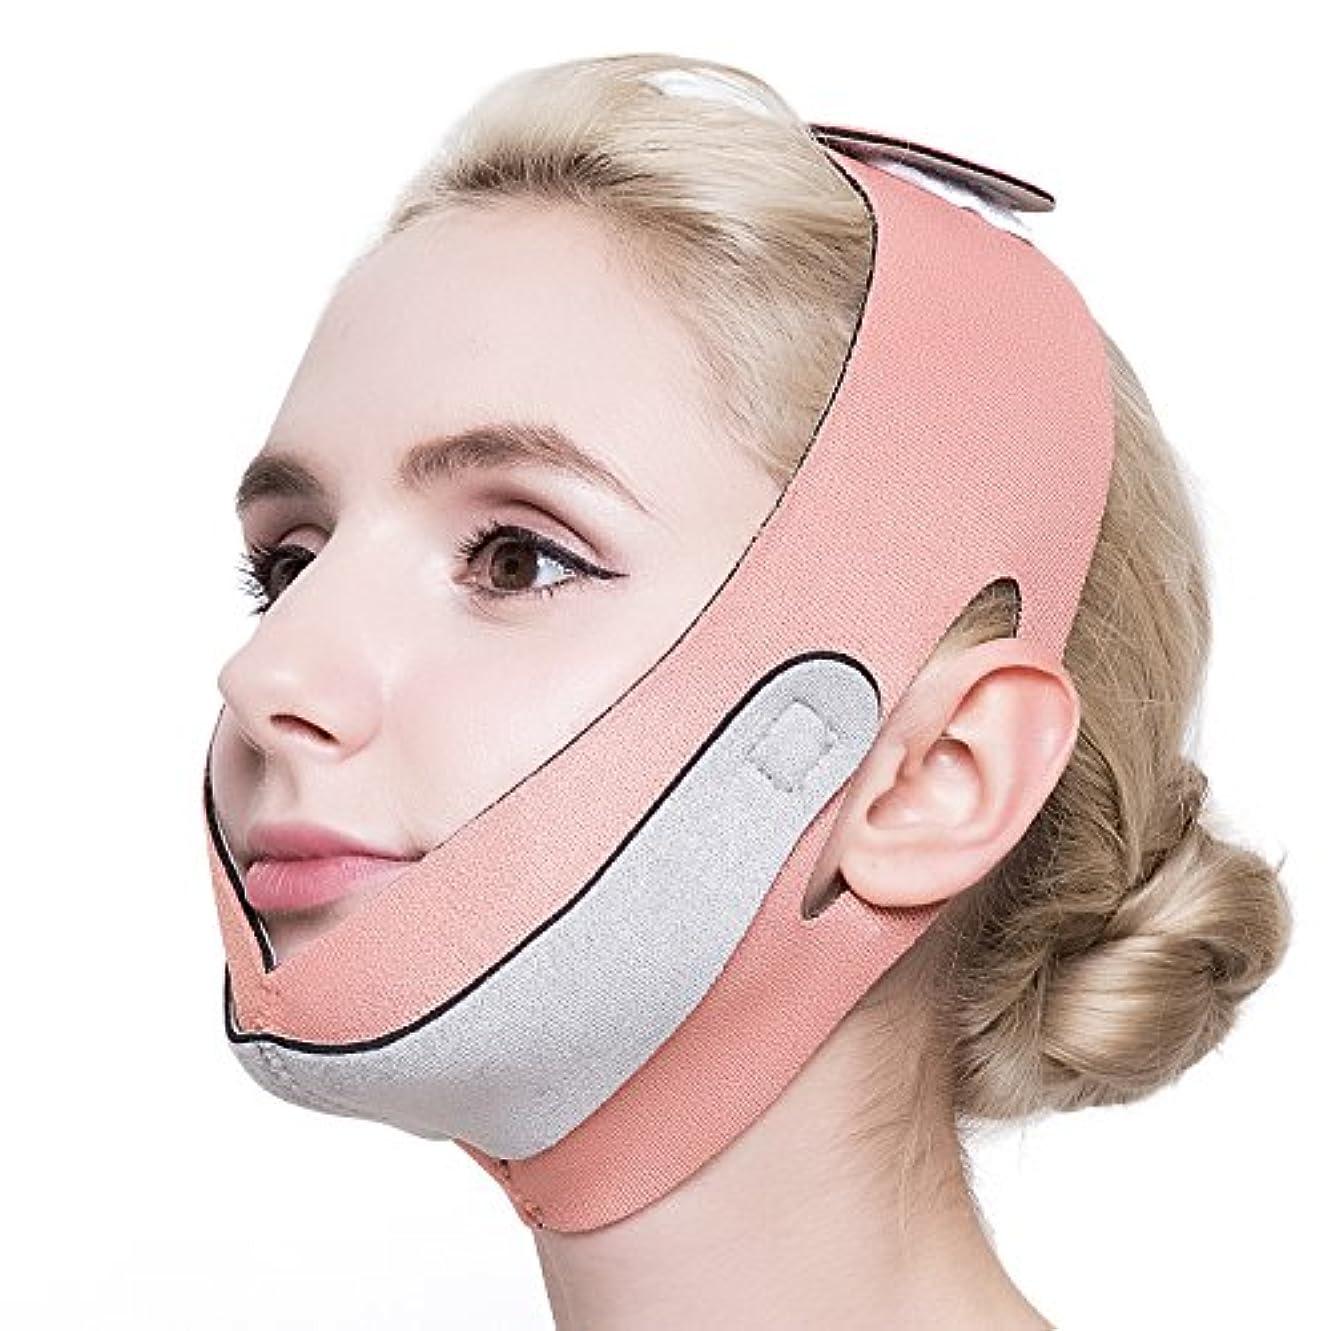 コンチネンタル購入タックPLEASINGSAN 小顔 ベルト リフトアップ フェイスマスク グッズ メンズ レディース